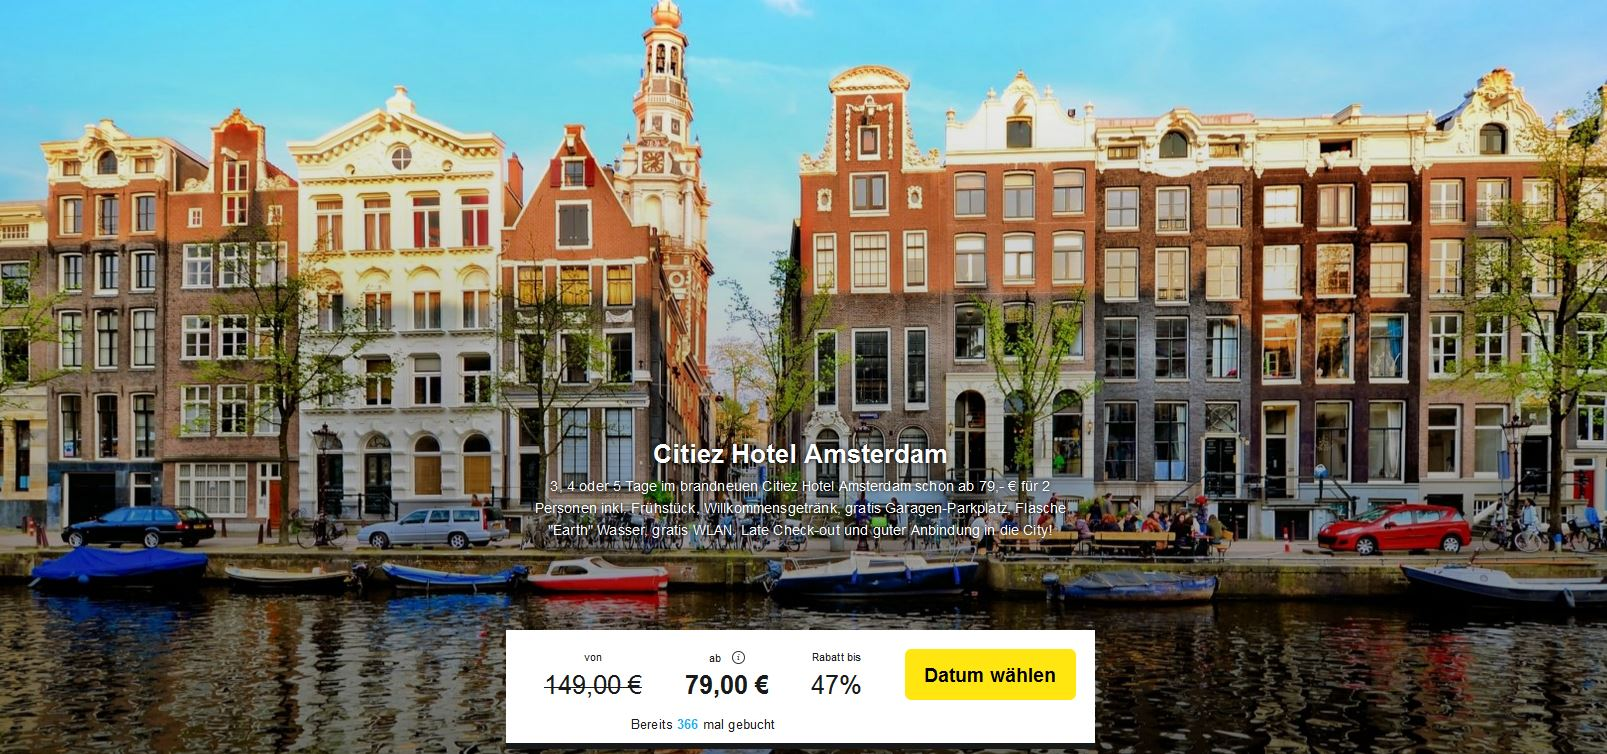 Citiez Hotel Amsterdam Check In